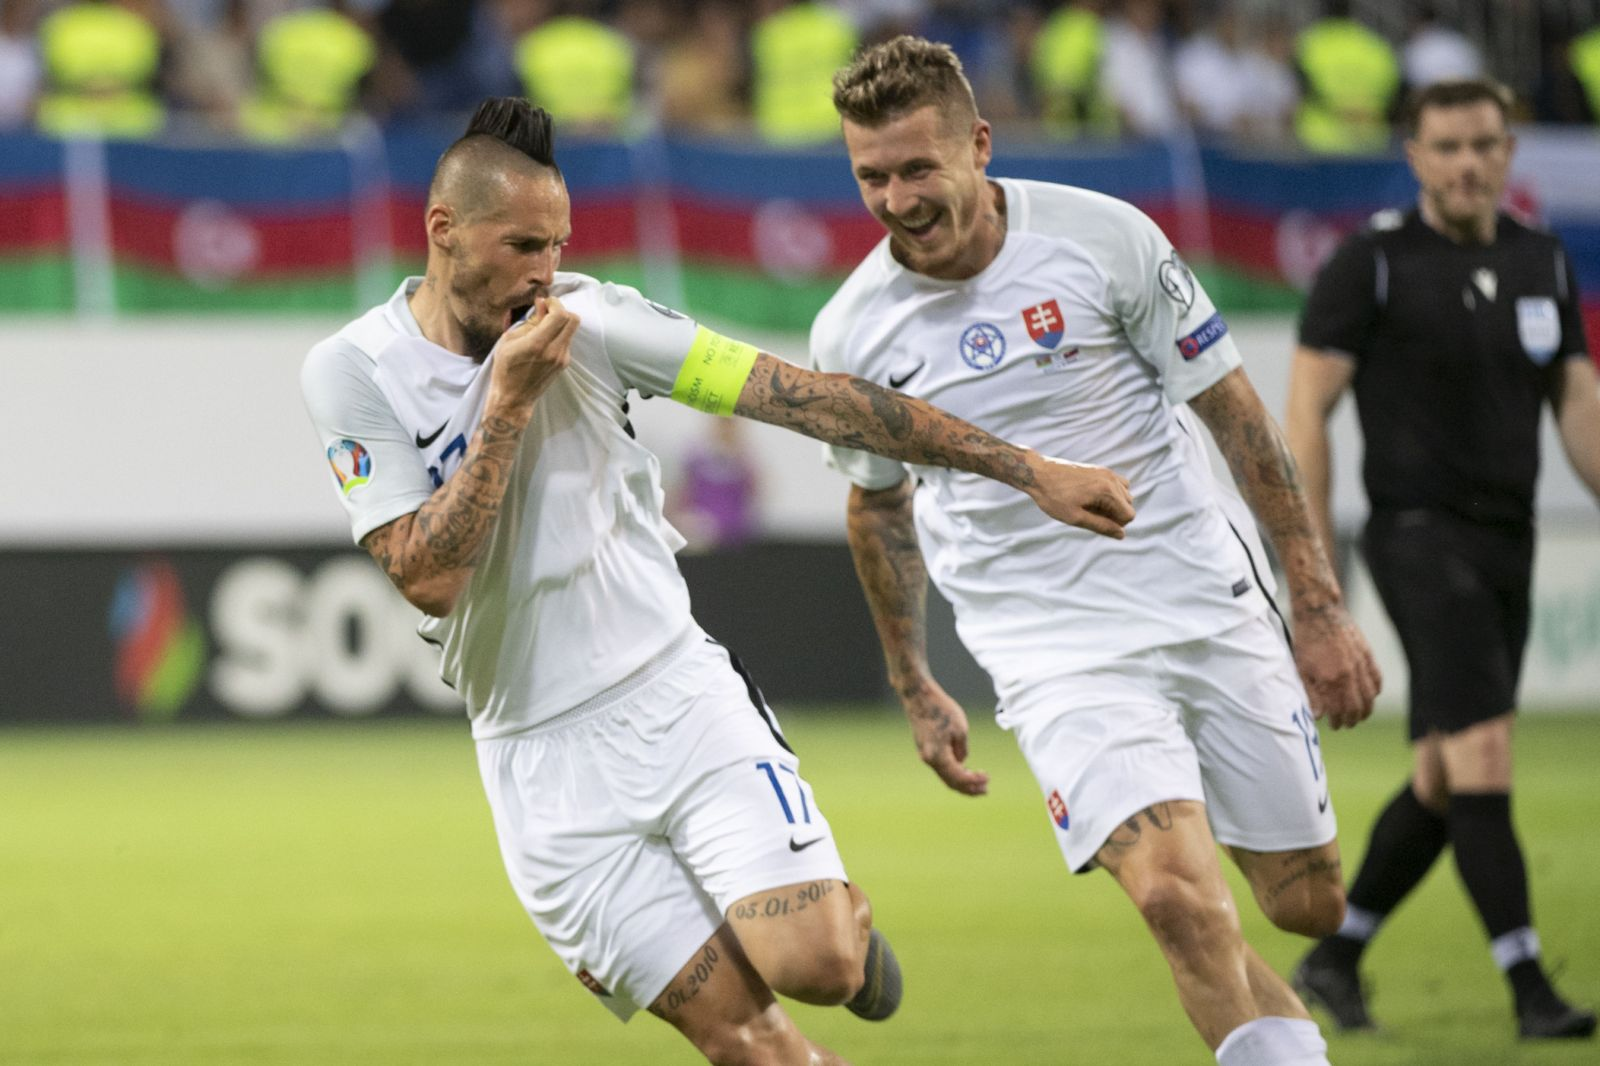 e143c35abf743 Slovensko víťazí v kvalifikácií nad Azerbajdžanom a udržuje si šance na  postup na majstrovstvá Európy 2020